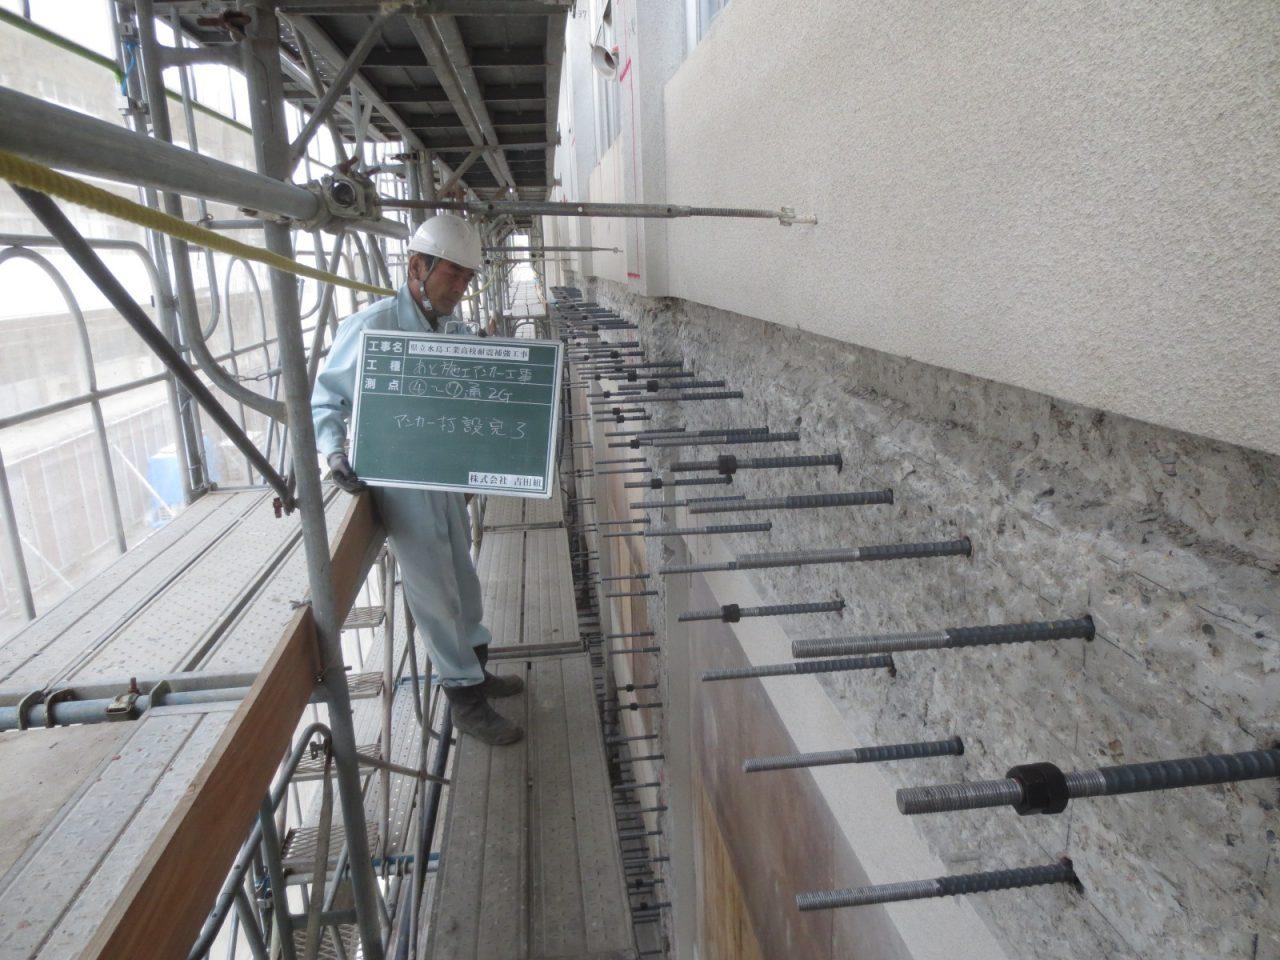 耐震補強工事(ピタコラム工法) 県立水島工業高校電気科棟④-2・3・4耐震補強工事(3構面)